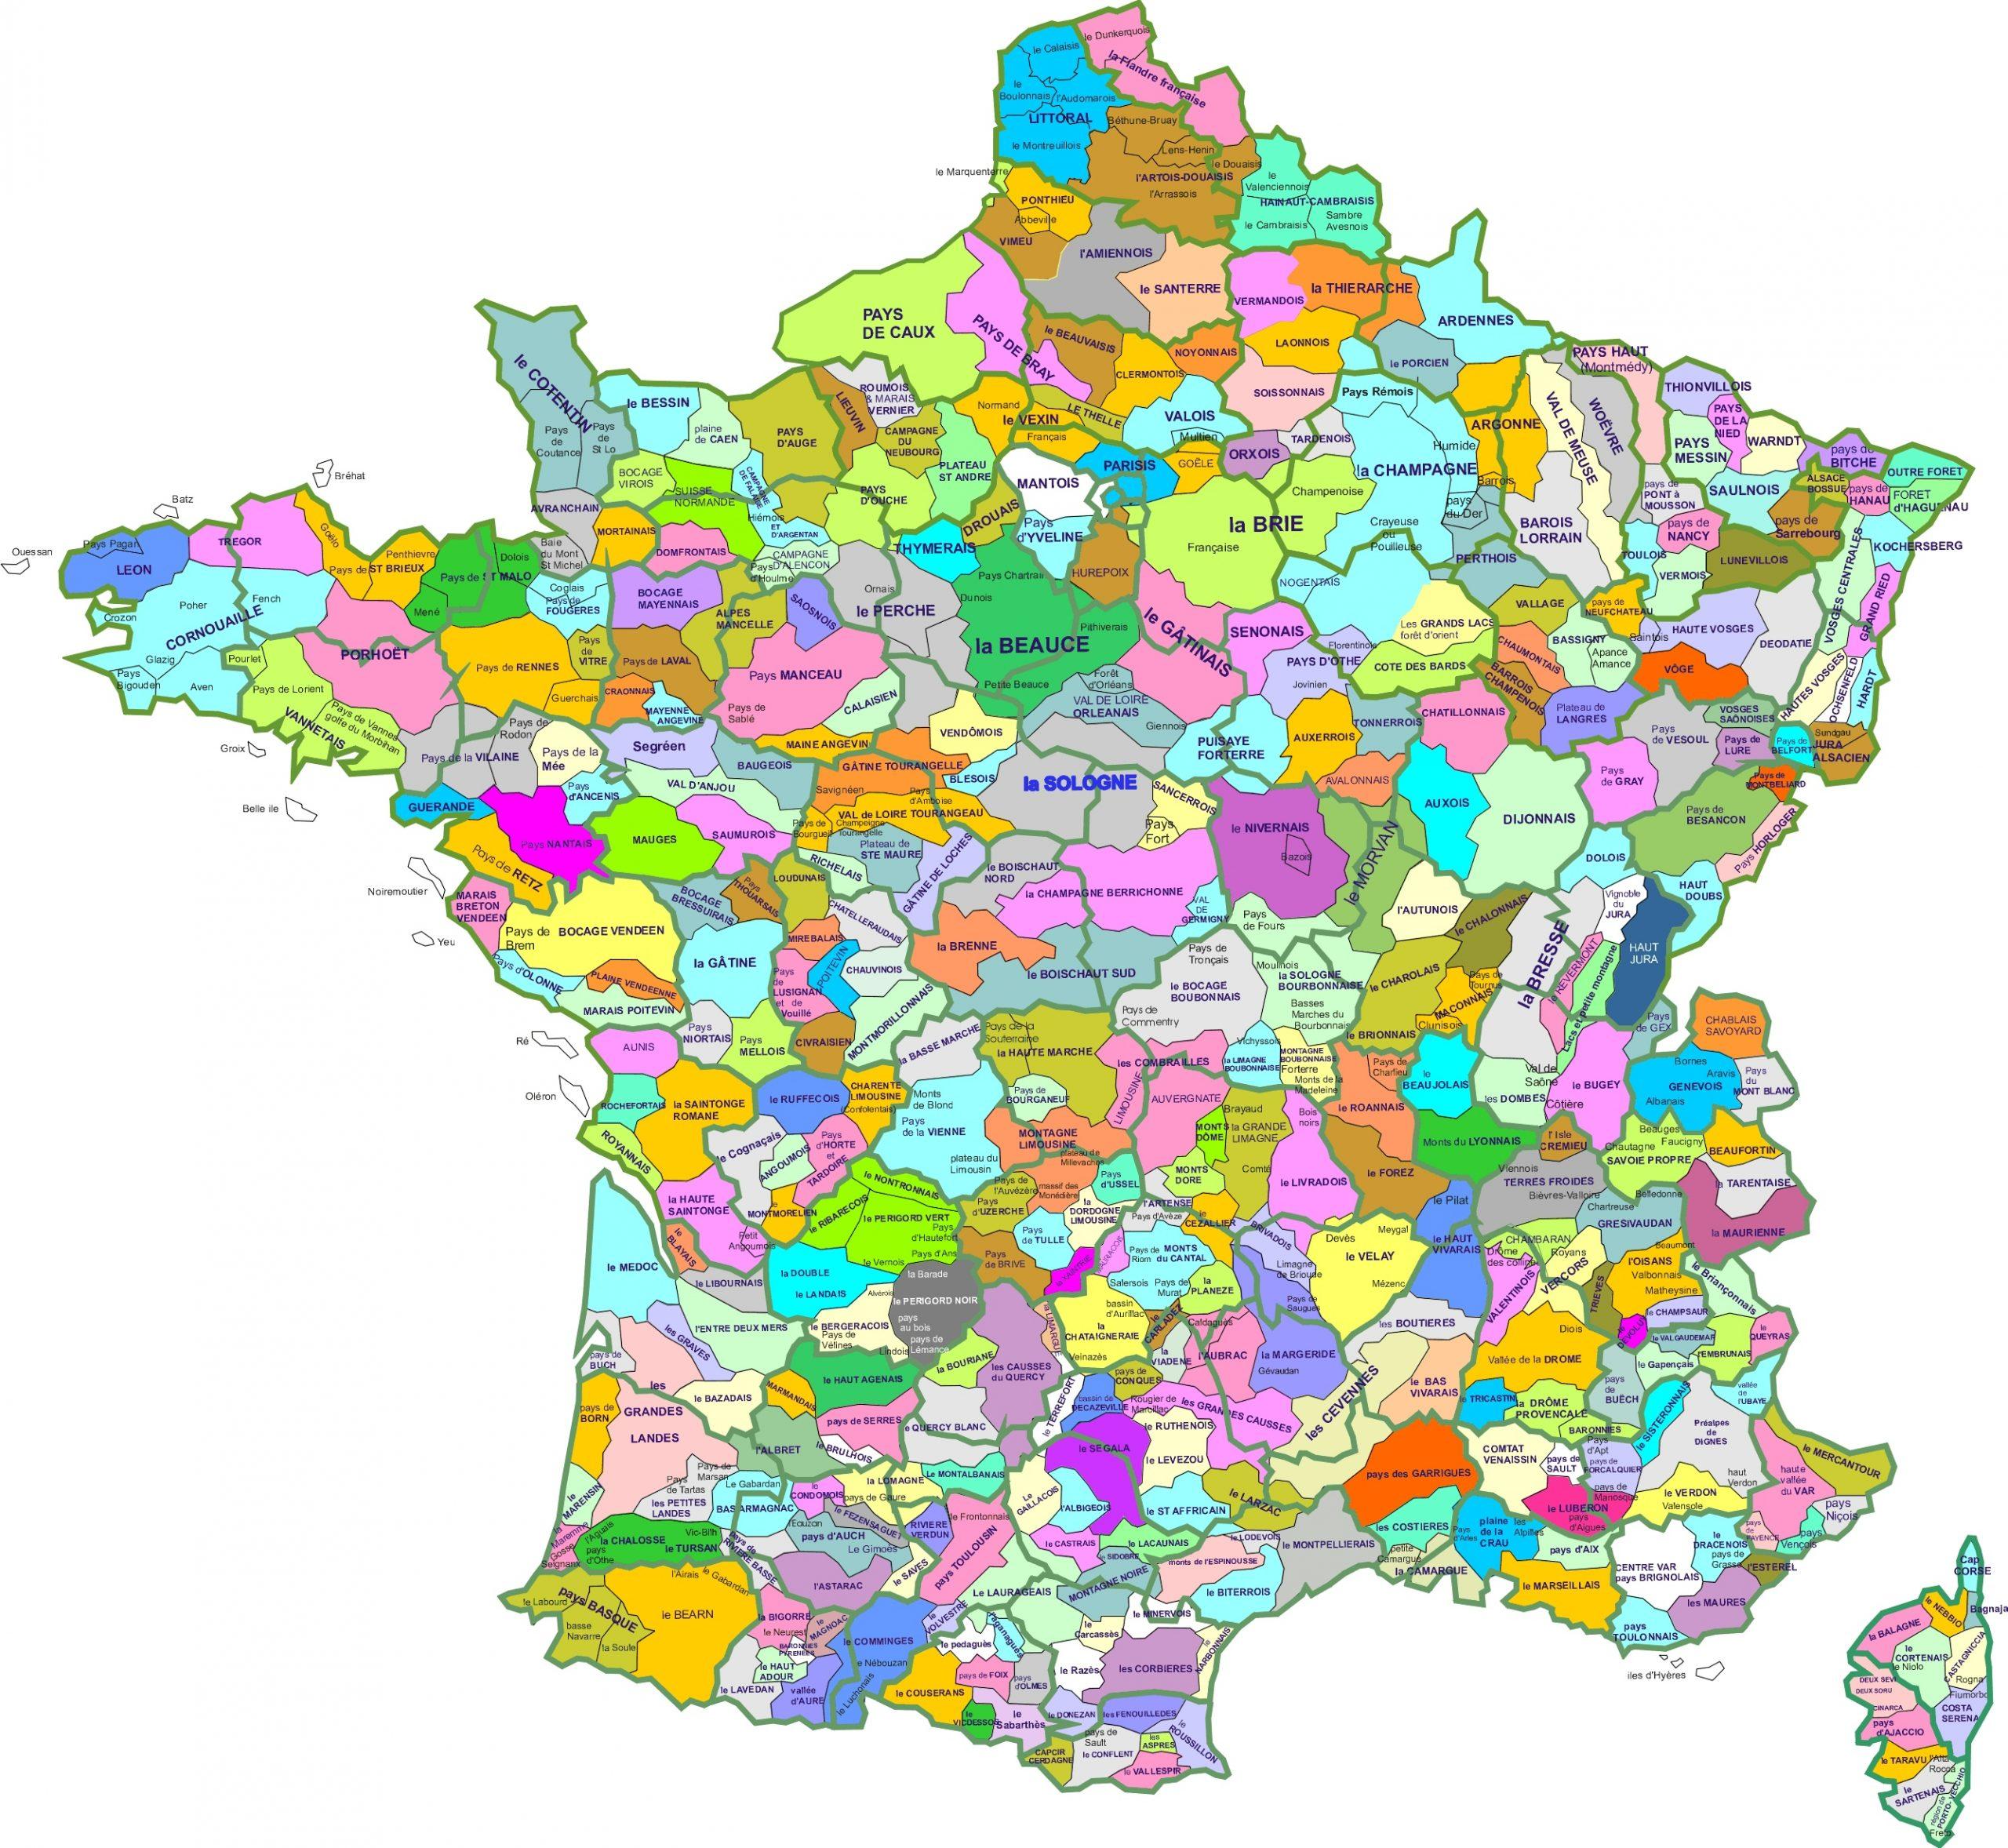 Une Carte Des Régions Naturelles De France dedans Carte Du Sud Est De La France Détaillée